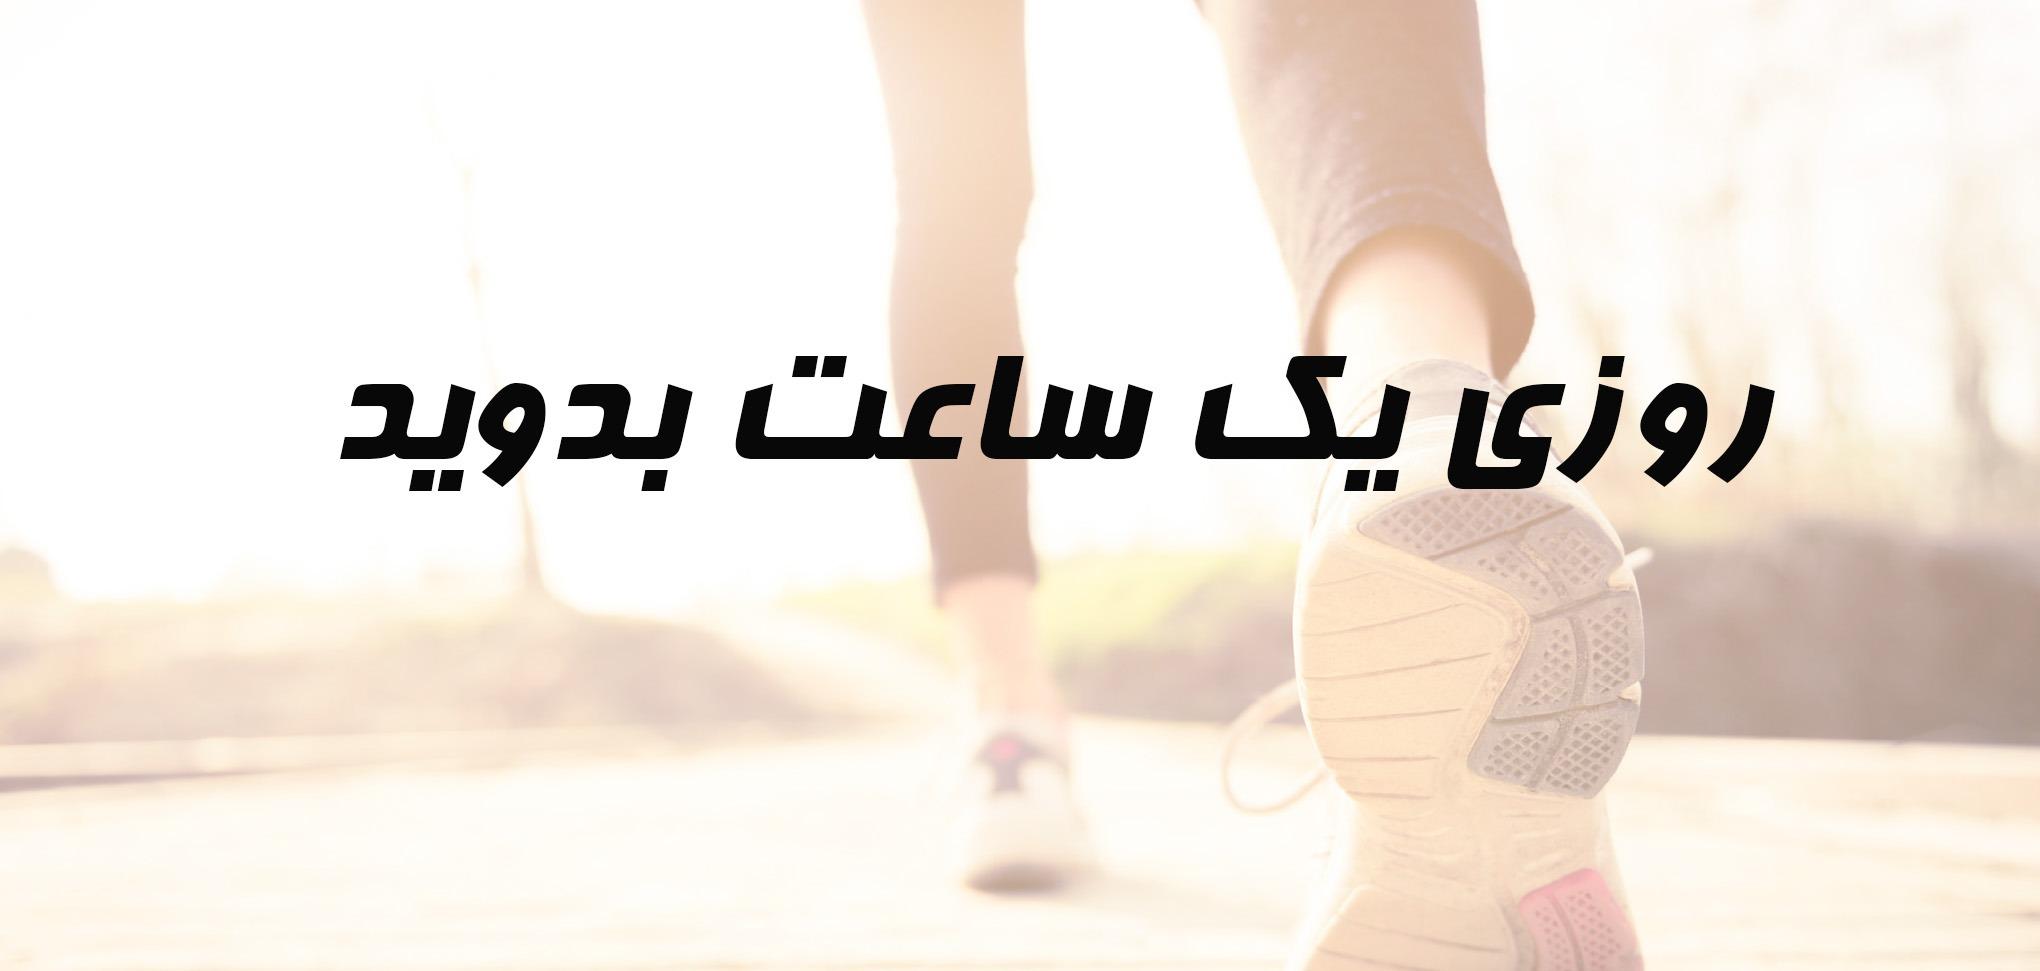 با پیاده روی لاغر شویم